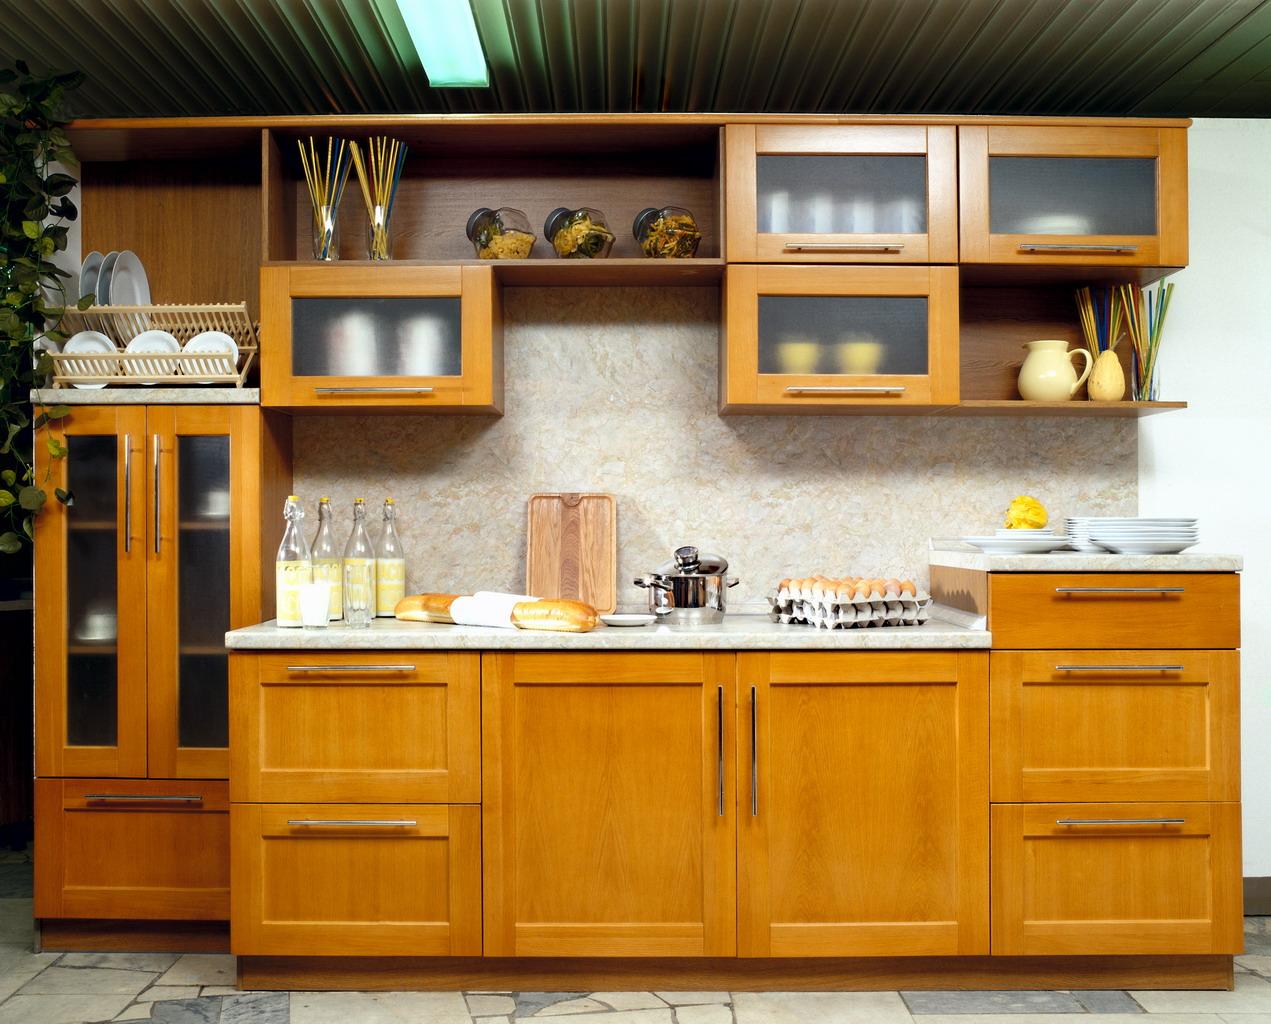 ارشادات مهمة لتنظيم ديكور المطبخ الصغير Kyxnya57